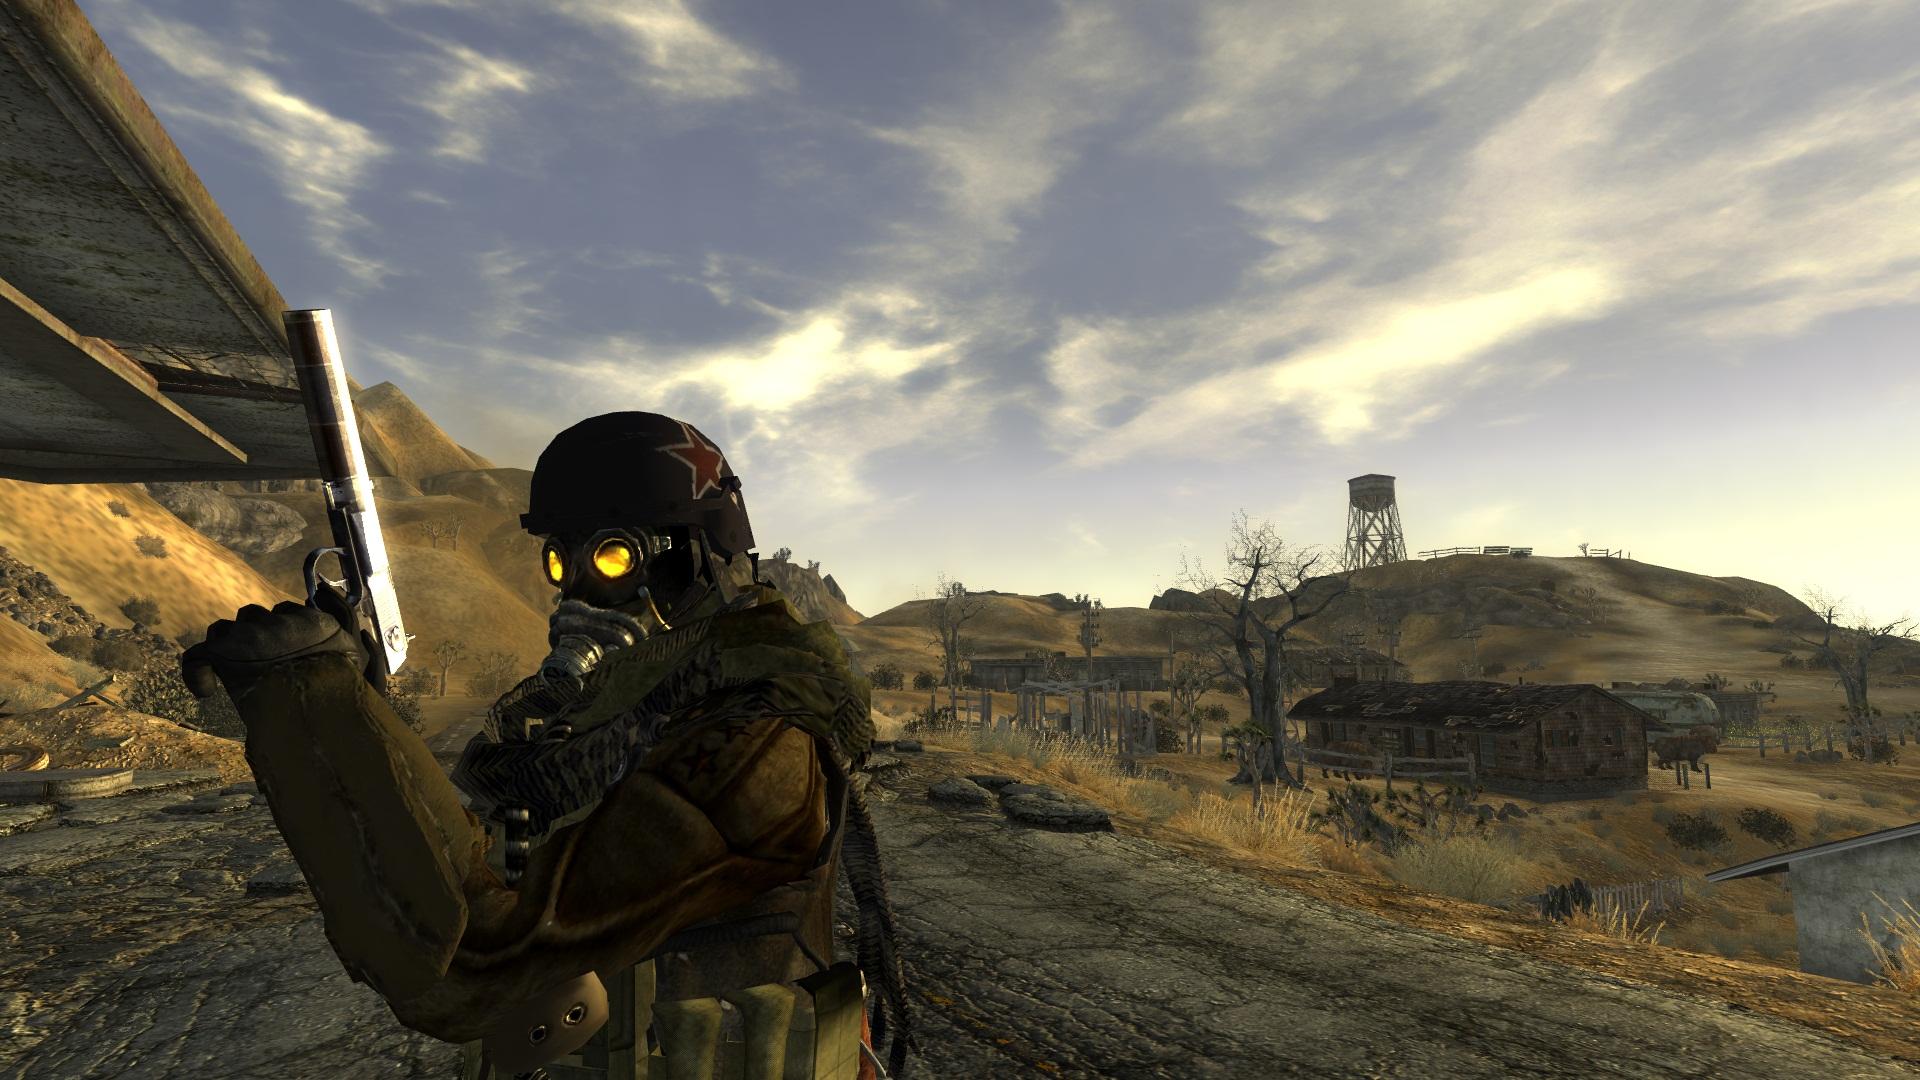 """Fallout: New Vegas """"Spetsnaz Armor / Экипировка """"Спецназа"""